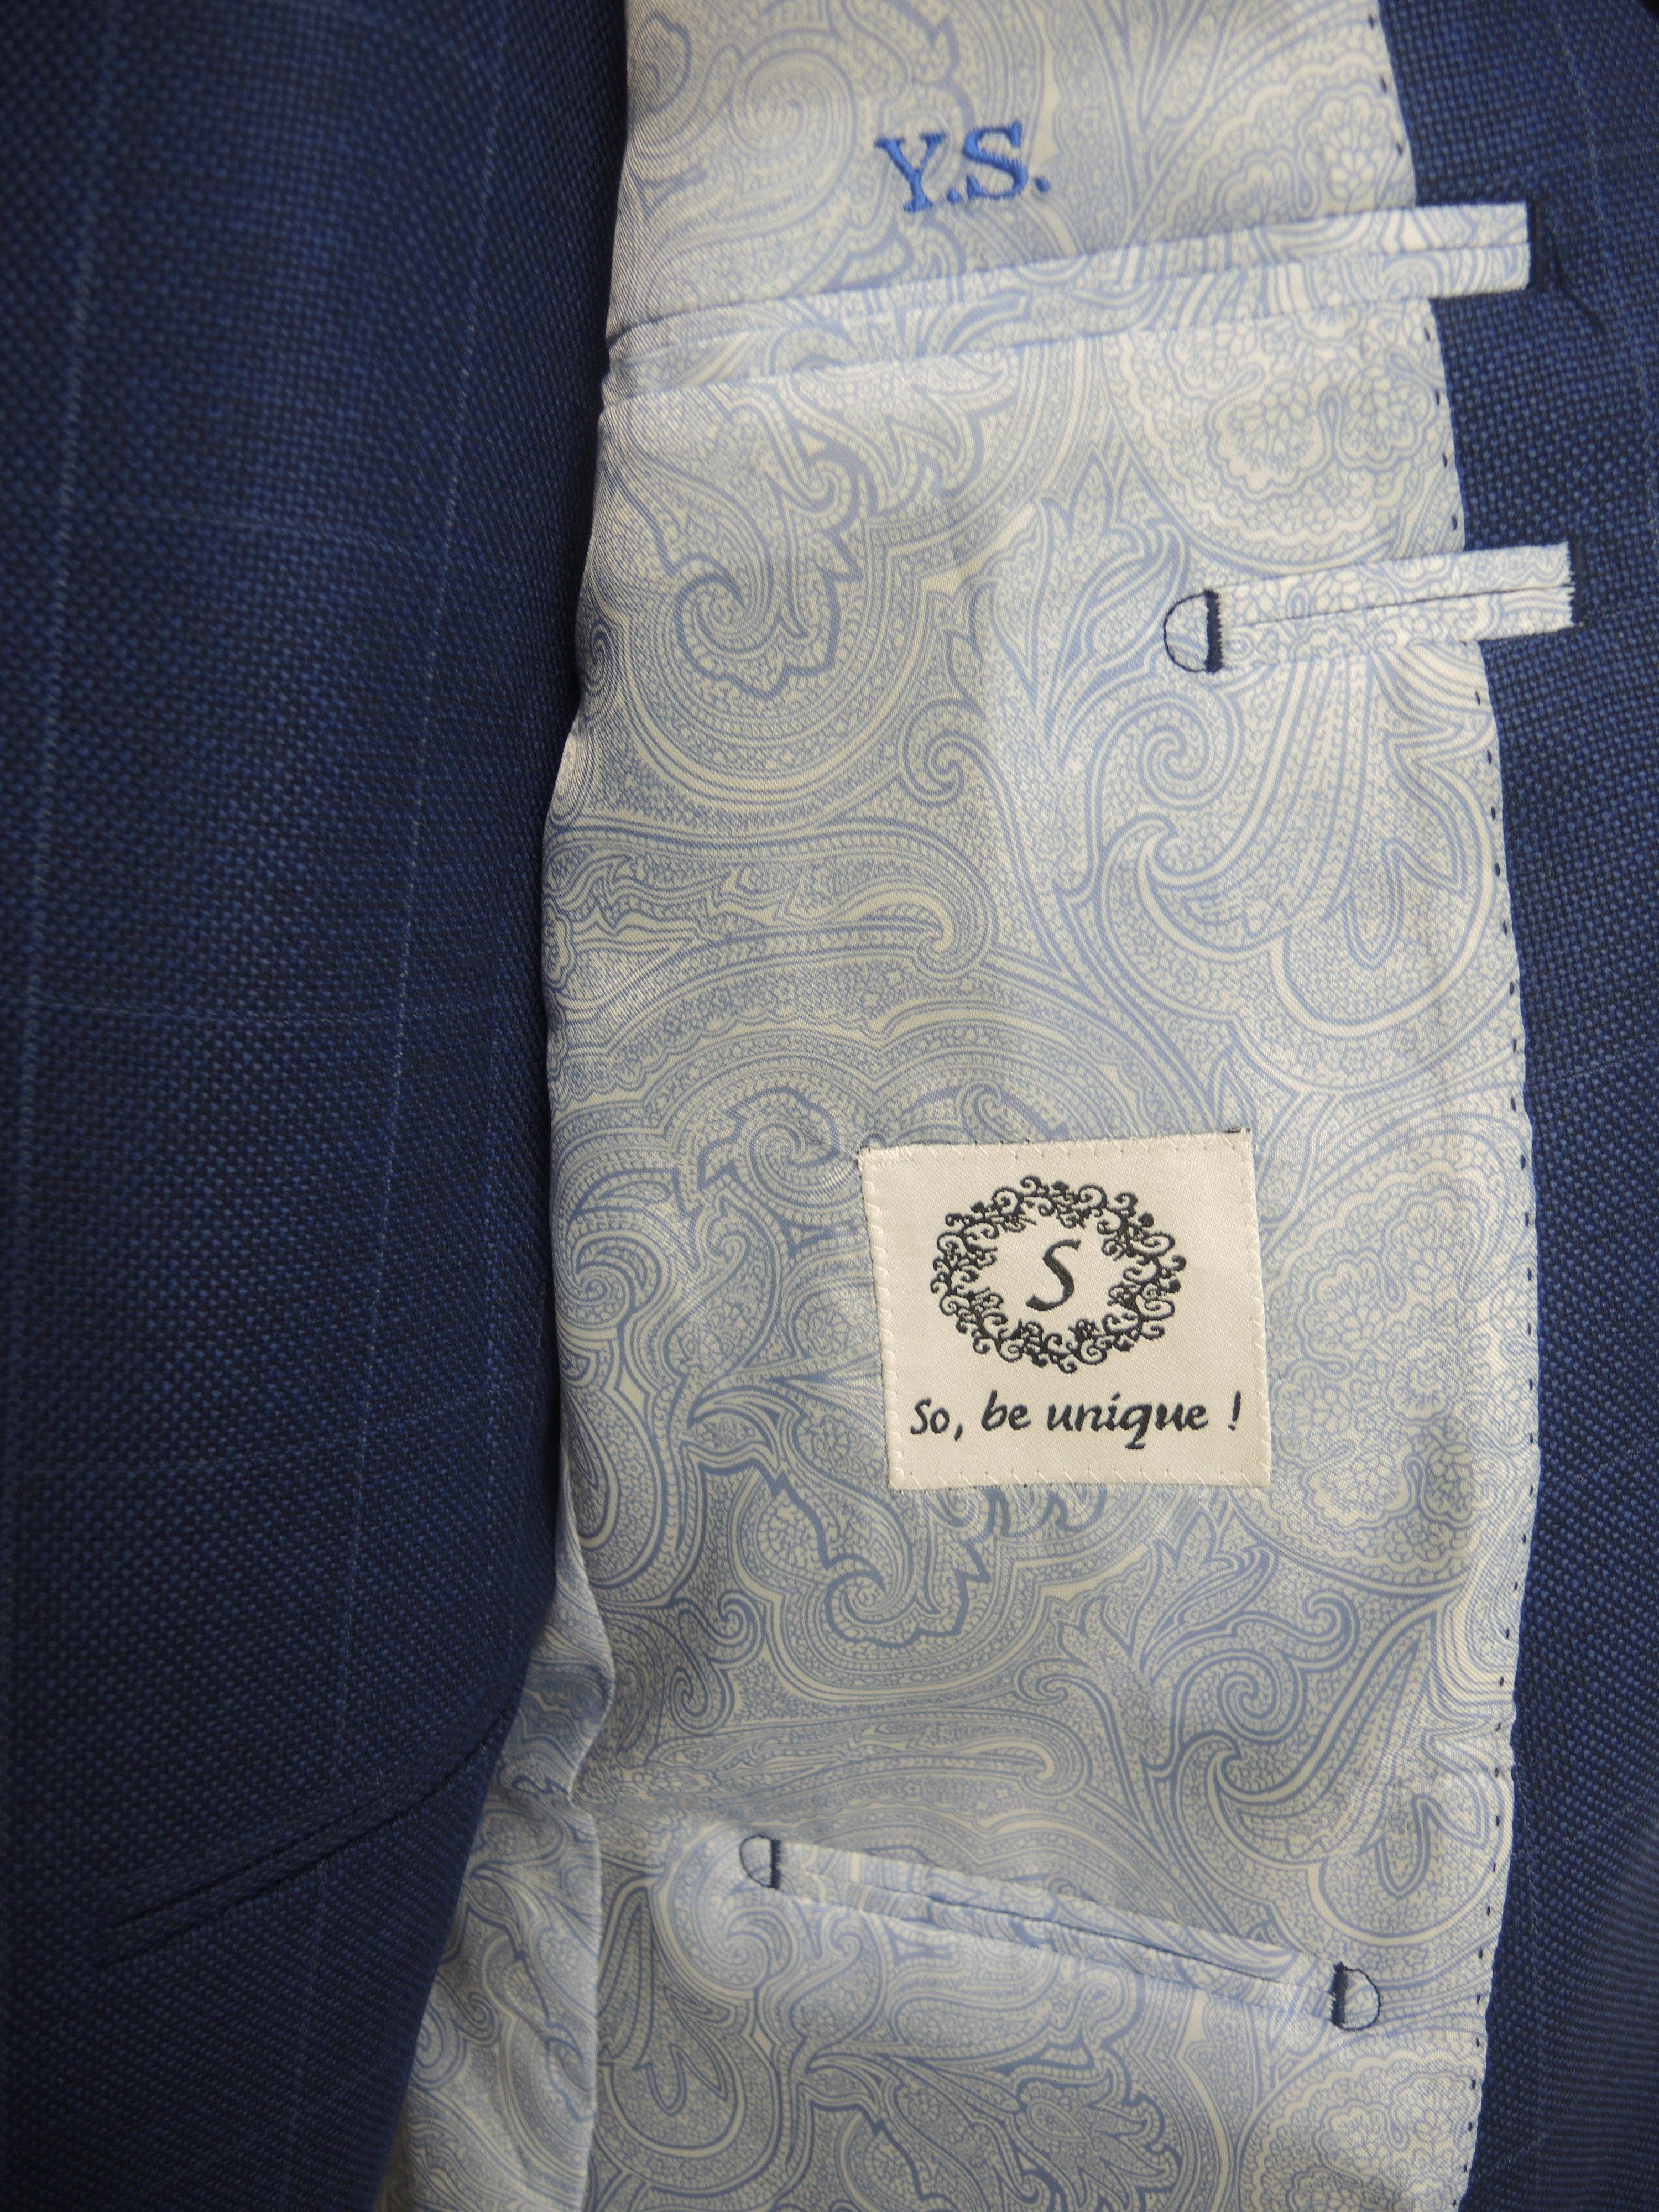 Vue de l'intérieur d'une veste de costume avec doublure bleue claire, initiales et logo